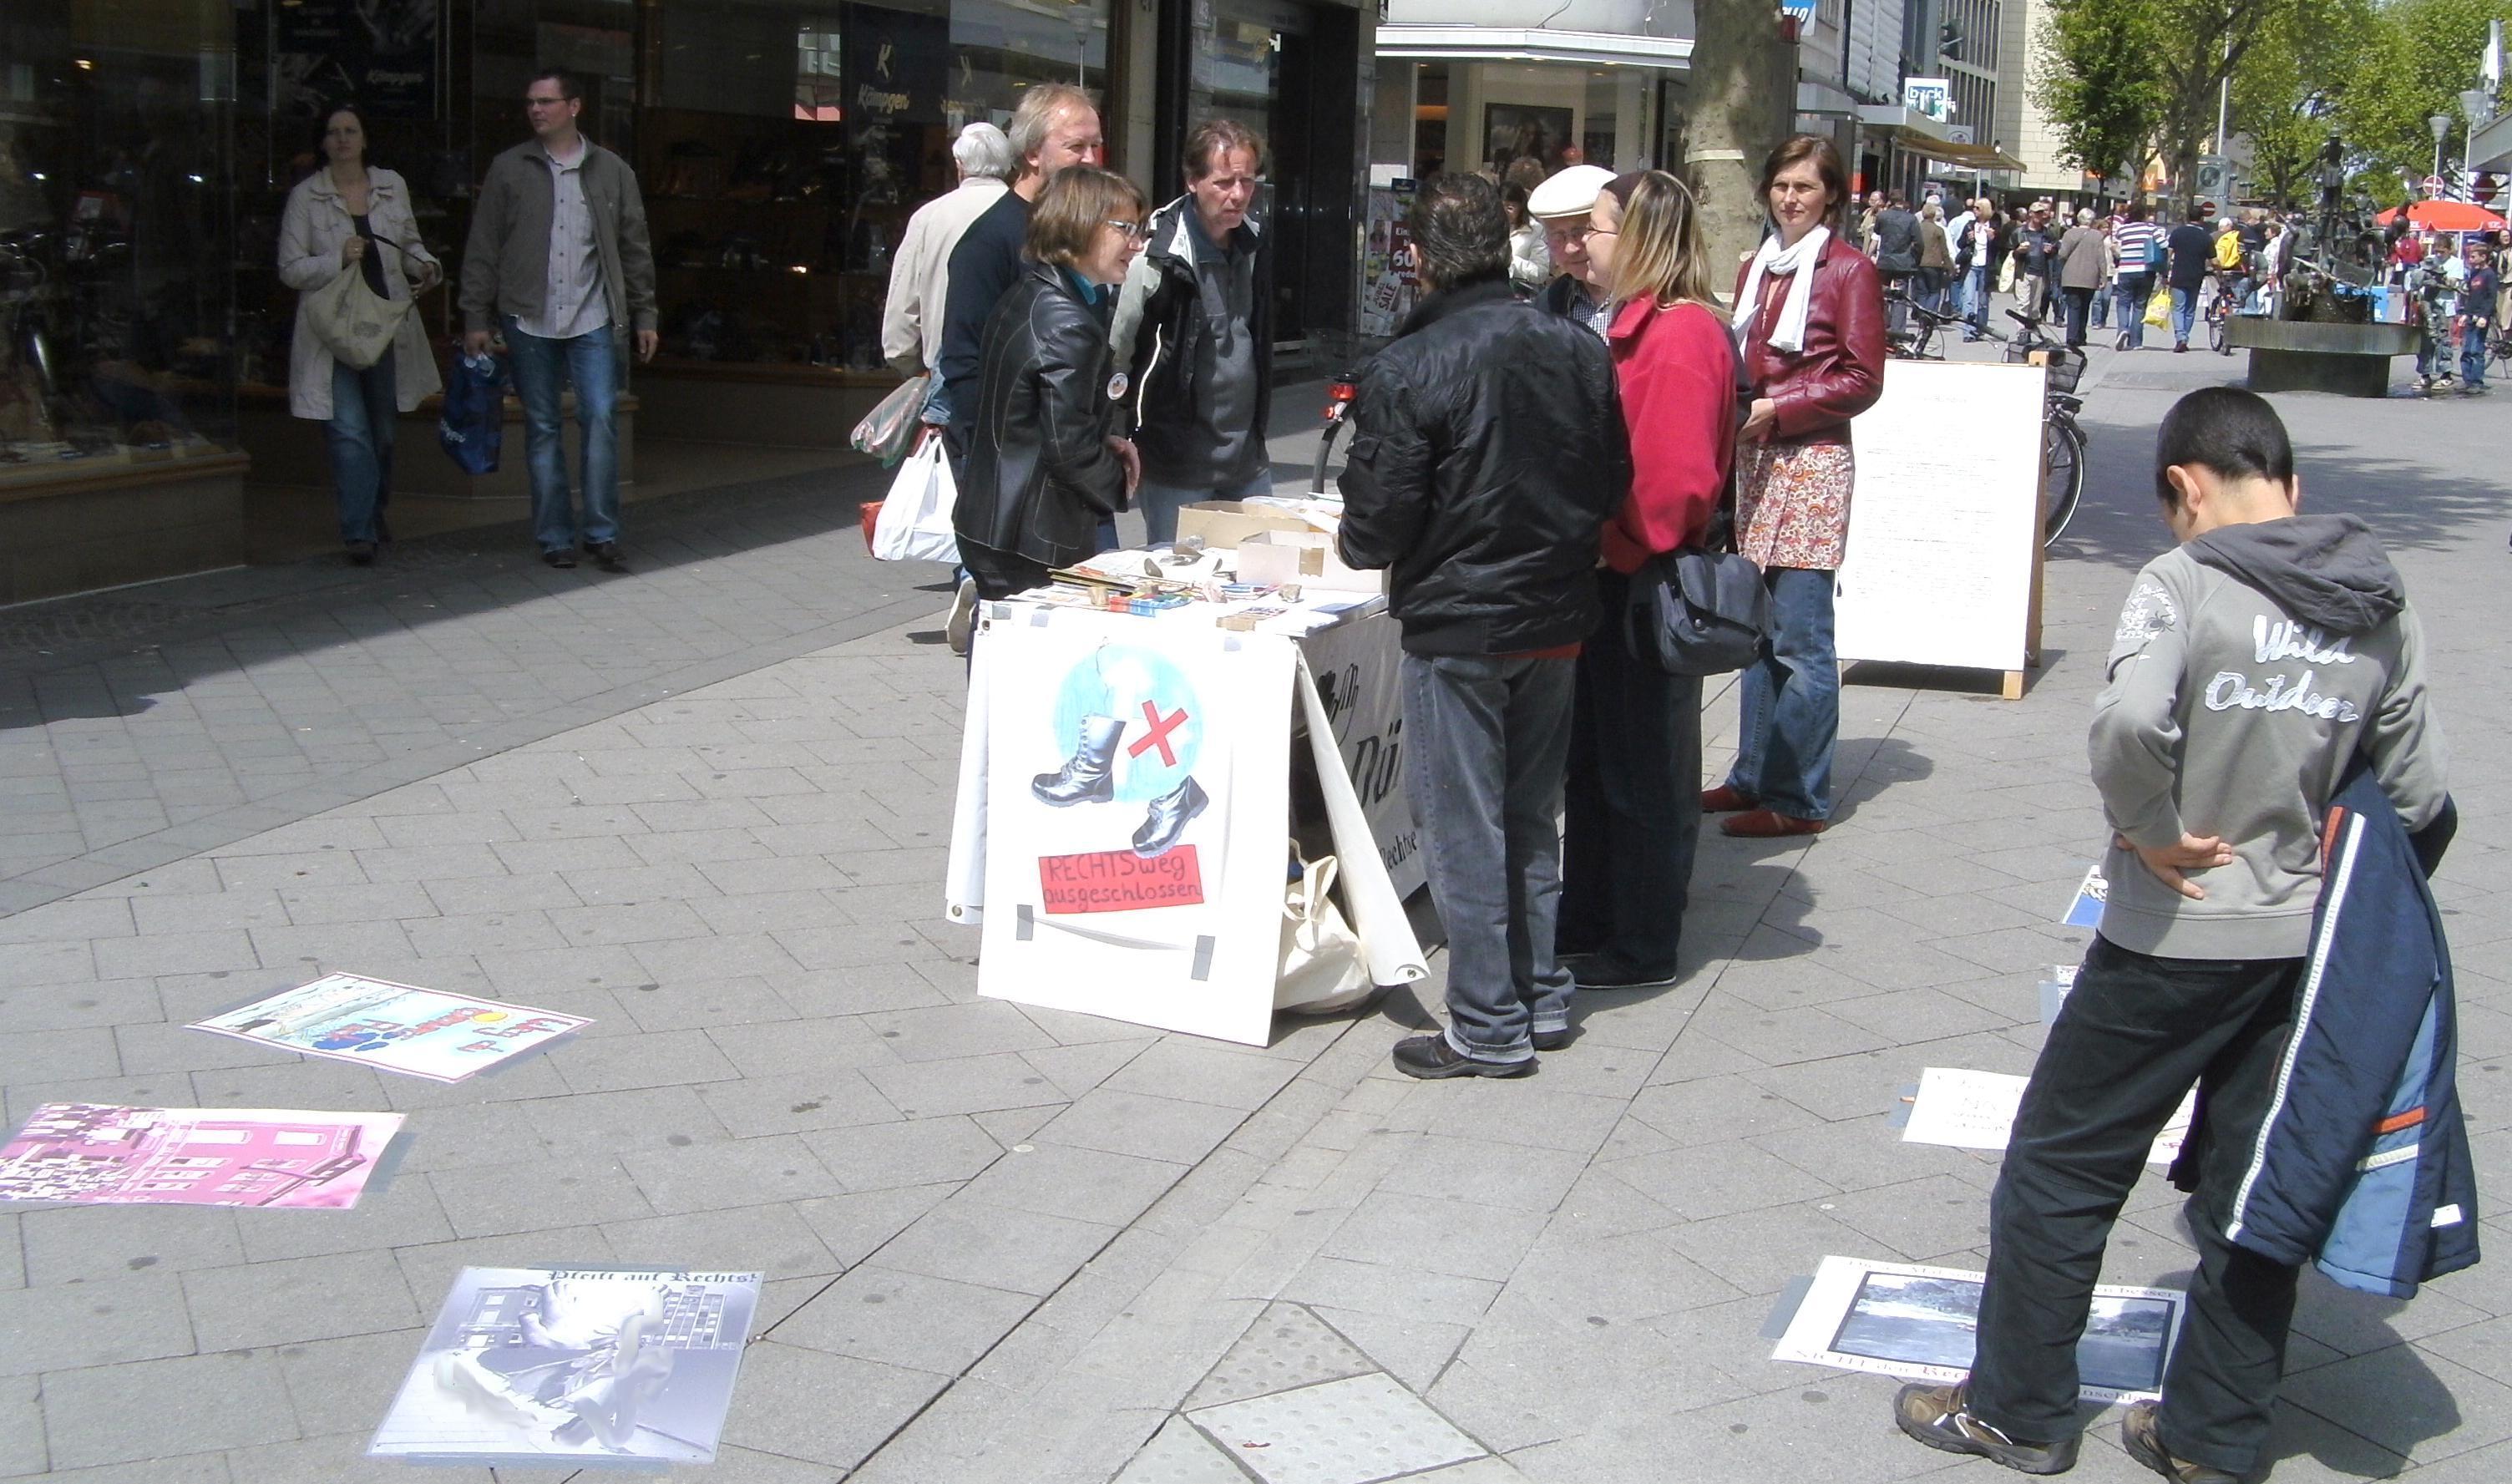 Wirtelstraße 09.05.09